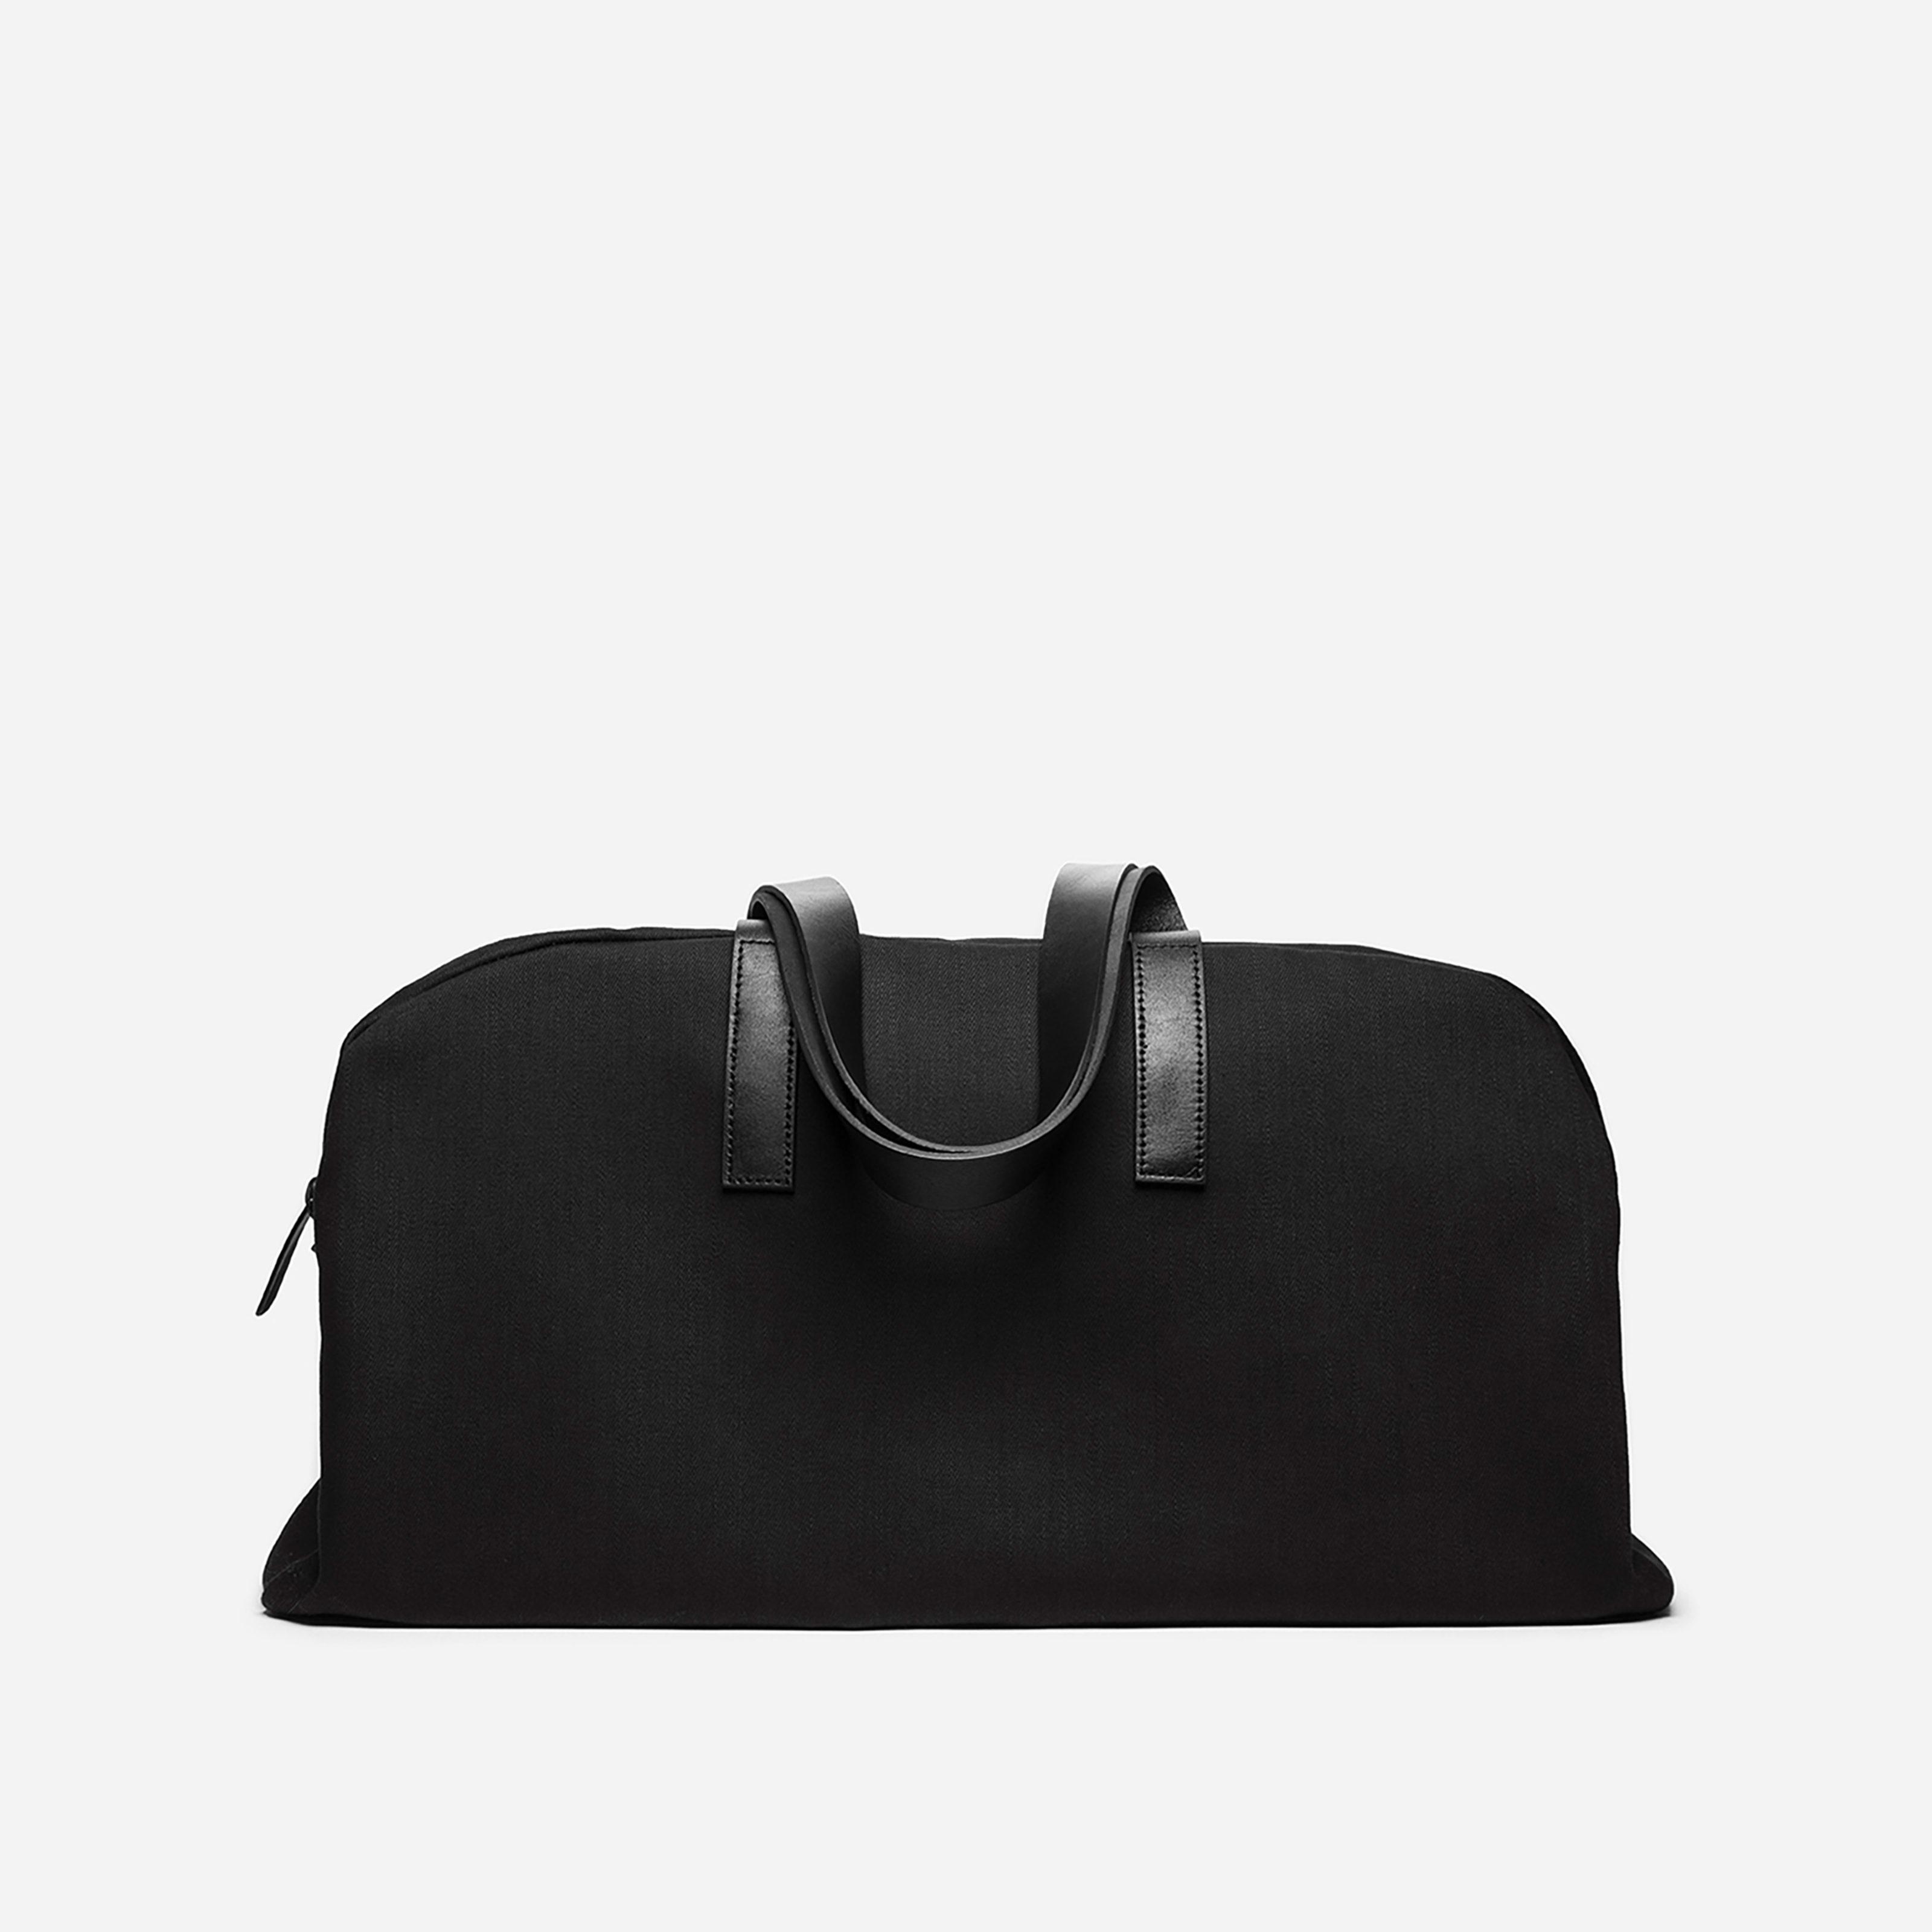 Twill Weekender Bag By Everlane In Black